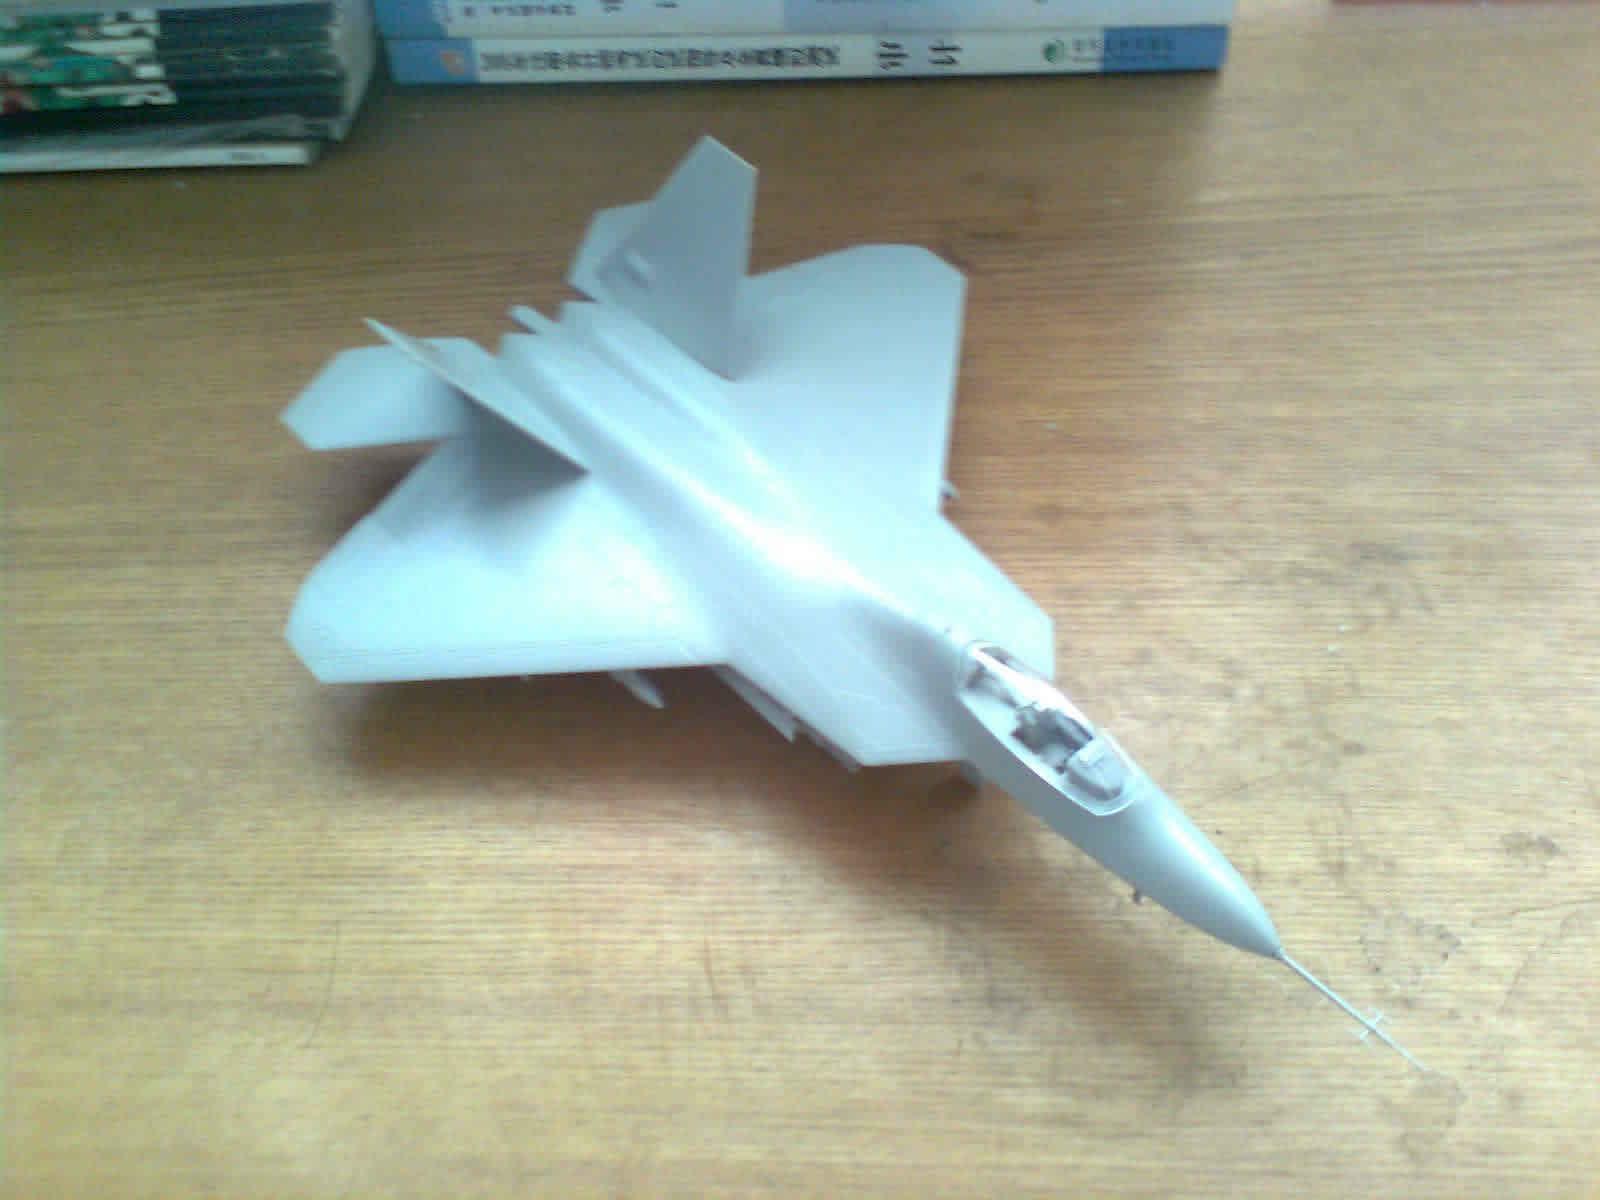 f-22静态模型制作全程